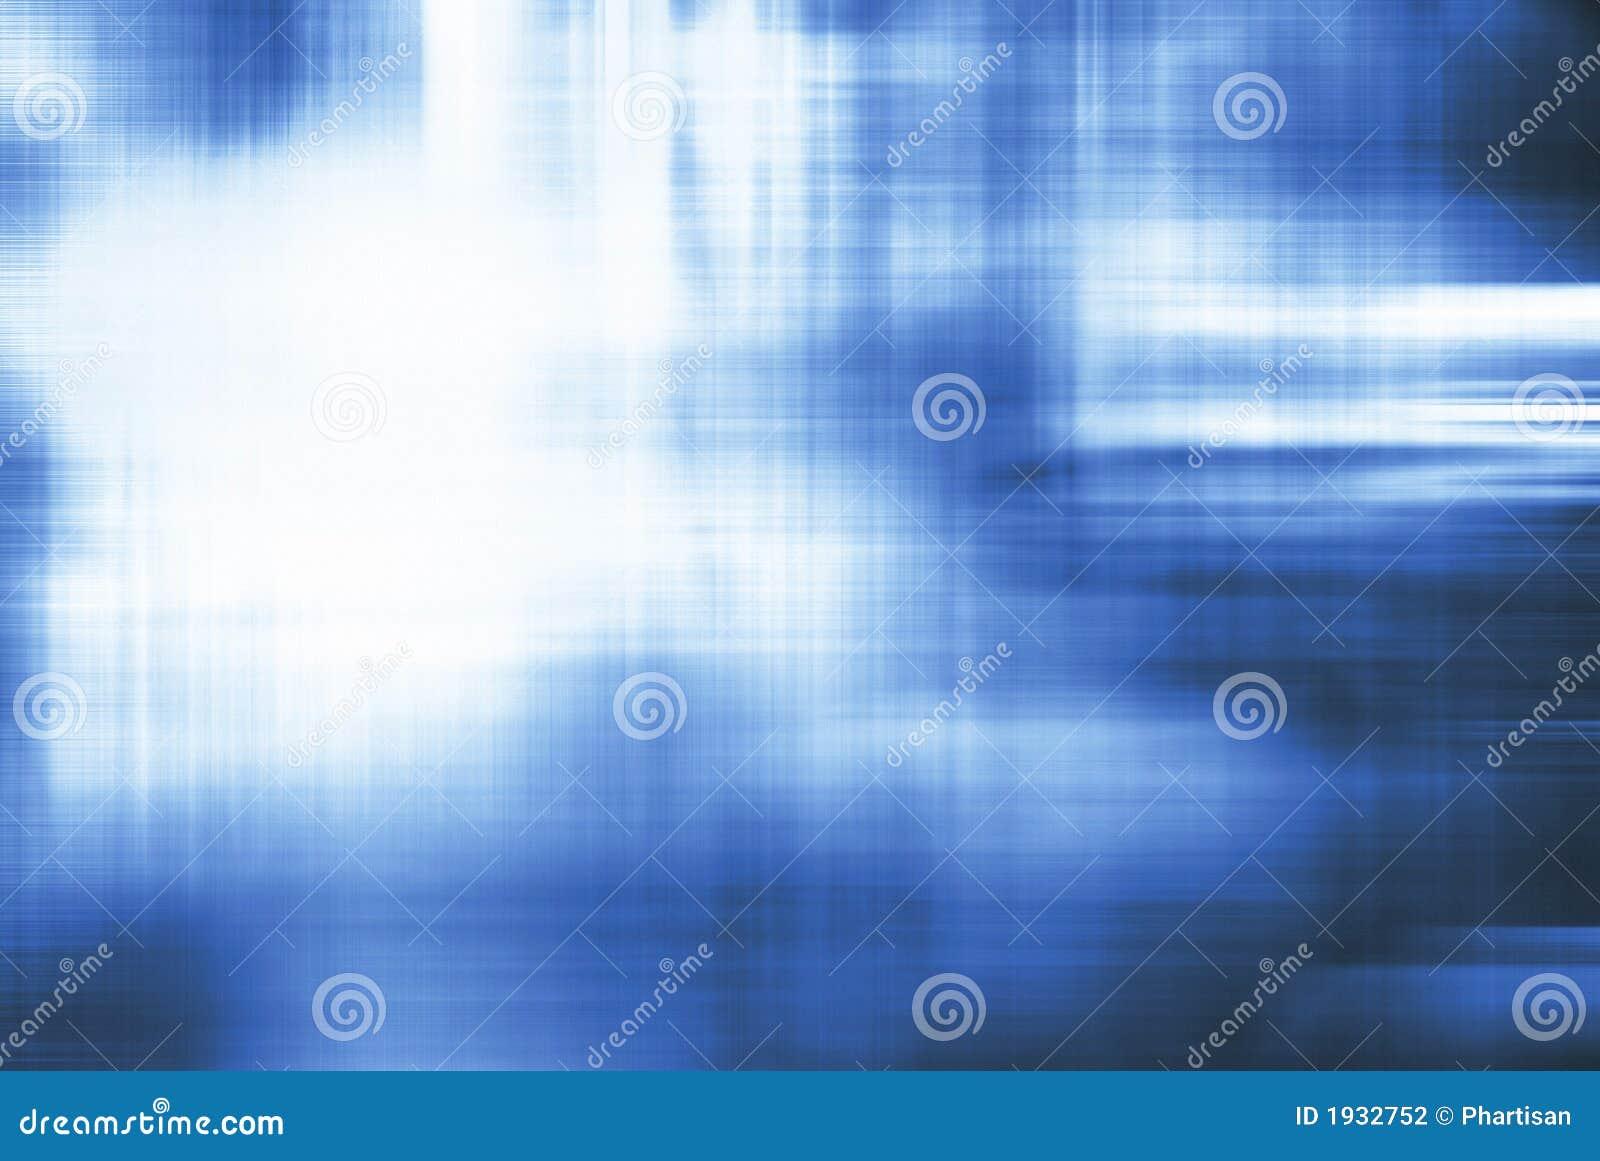 Niebieska tła płatowata marynarka wielo-